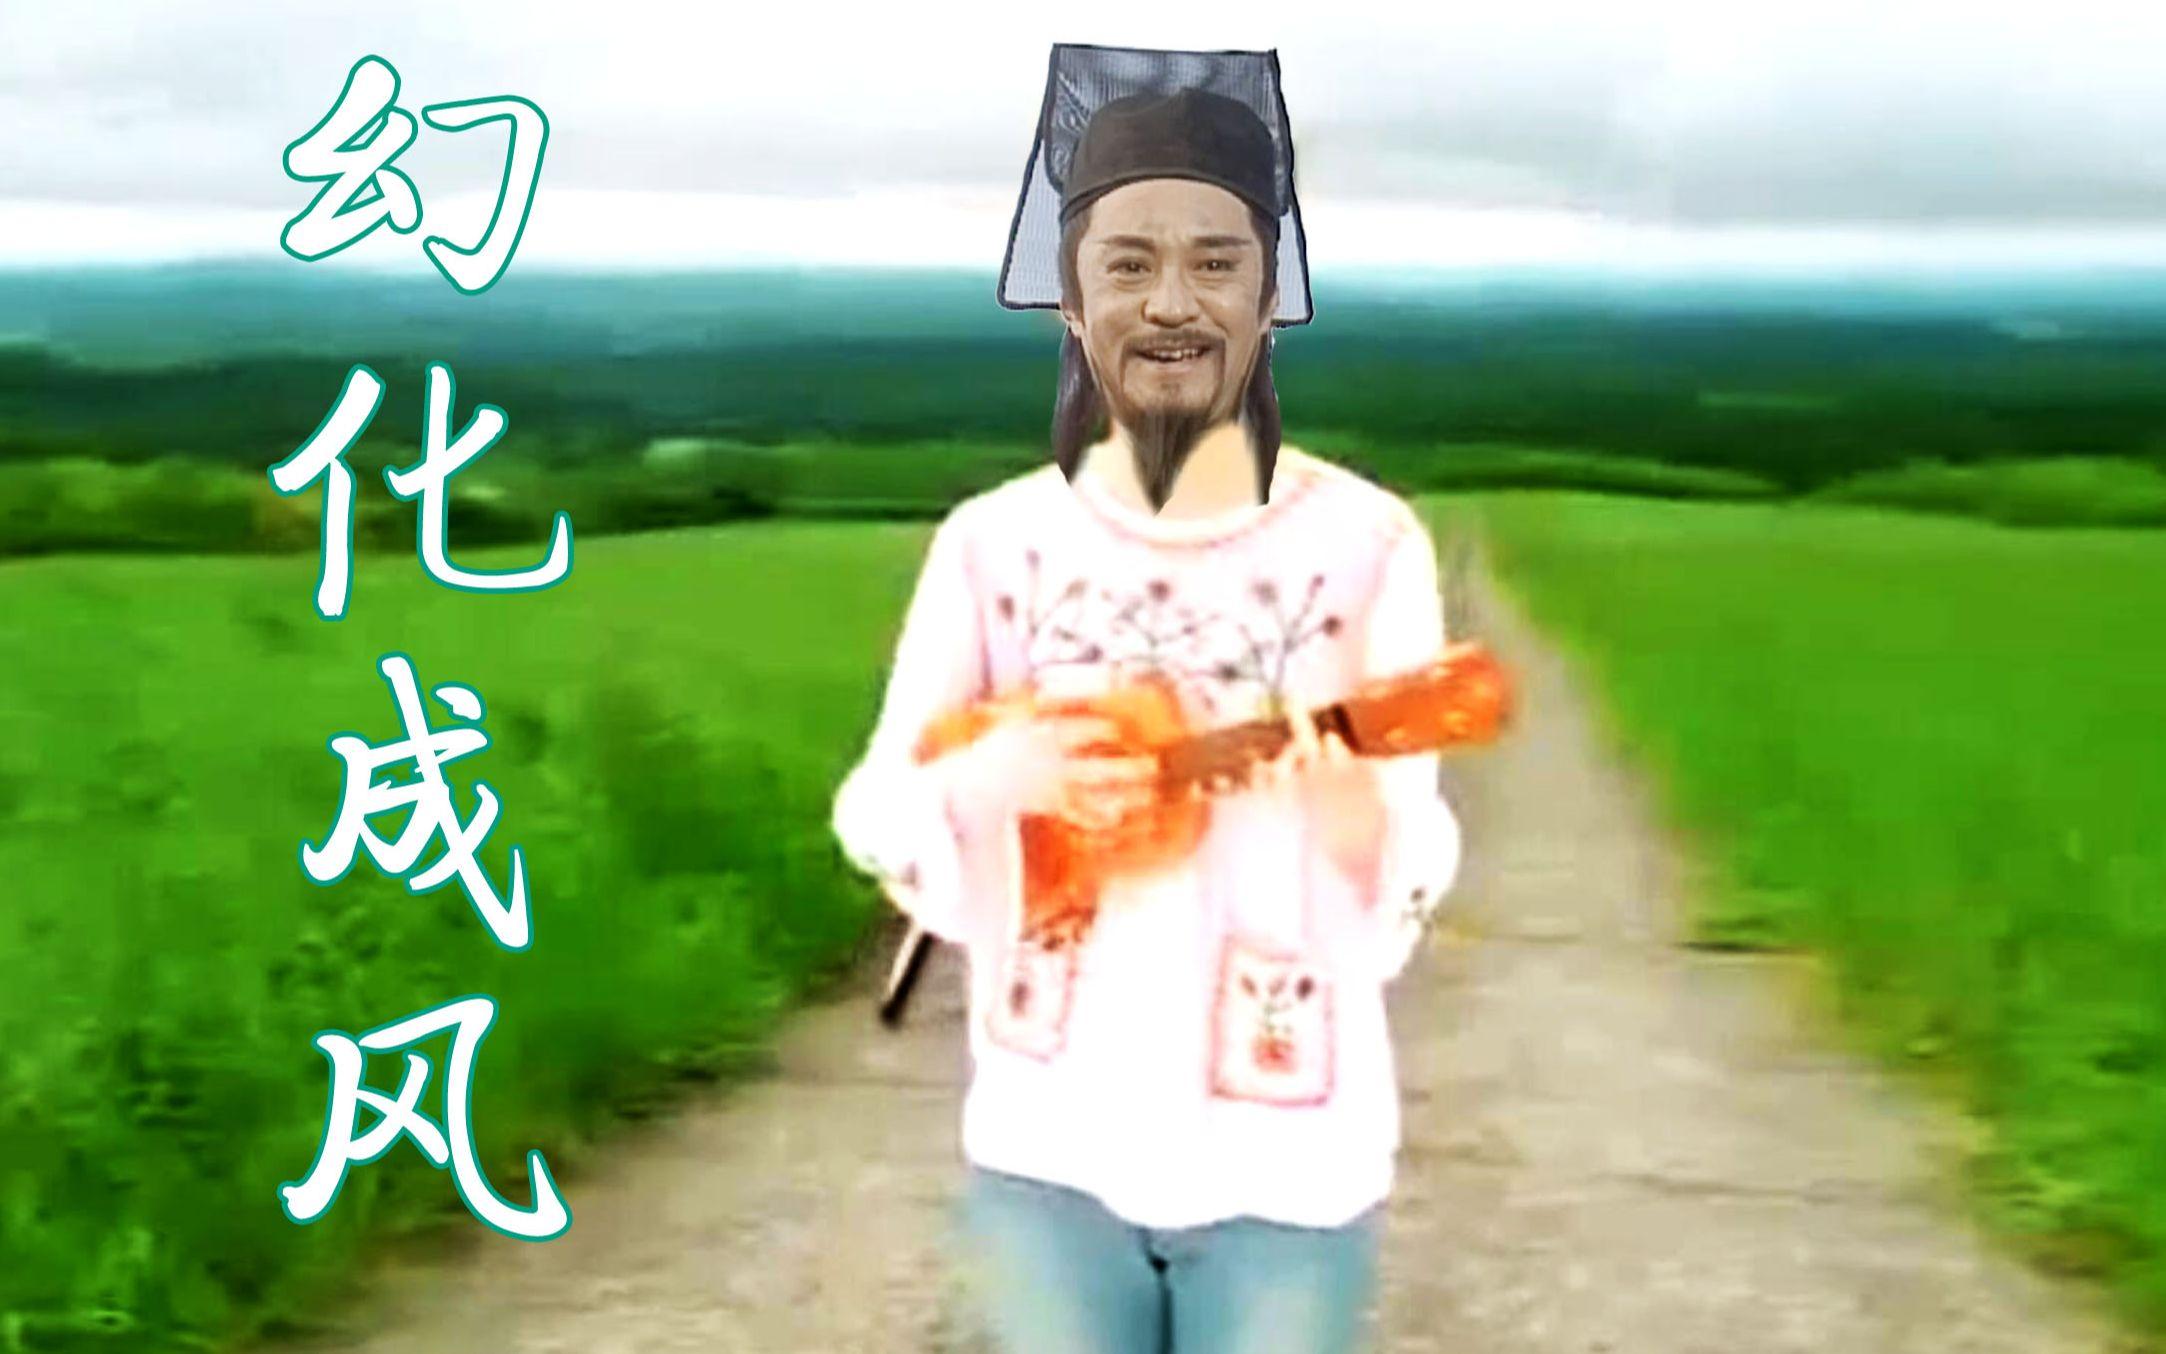 【岳不群x令狐冲】报恩成风(猫的幻化片尾曲)韩国电影v字幕的字幕秘密图片